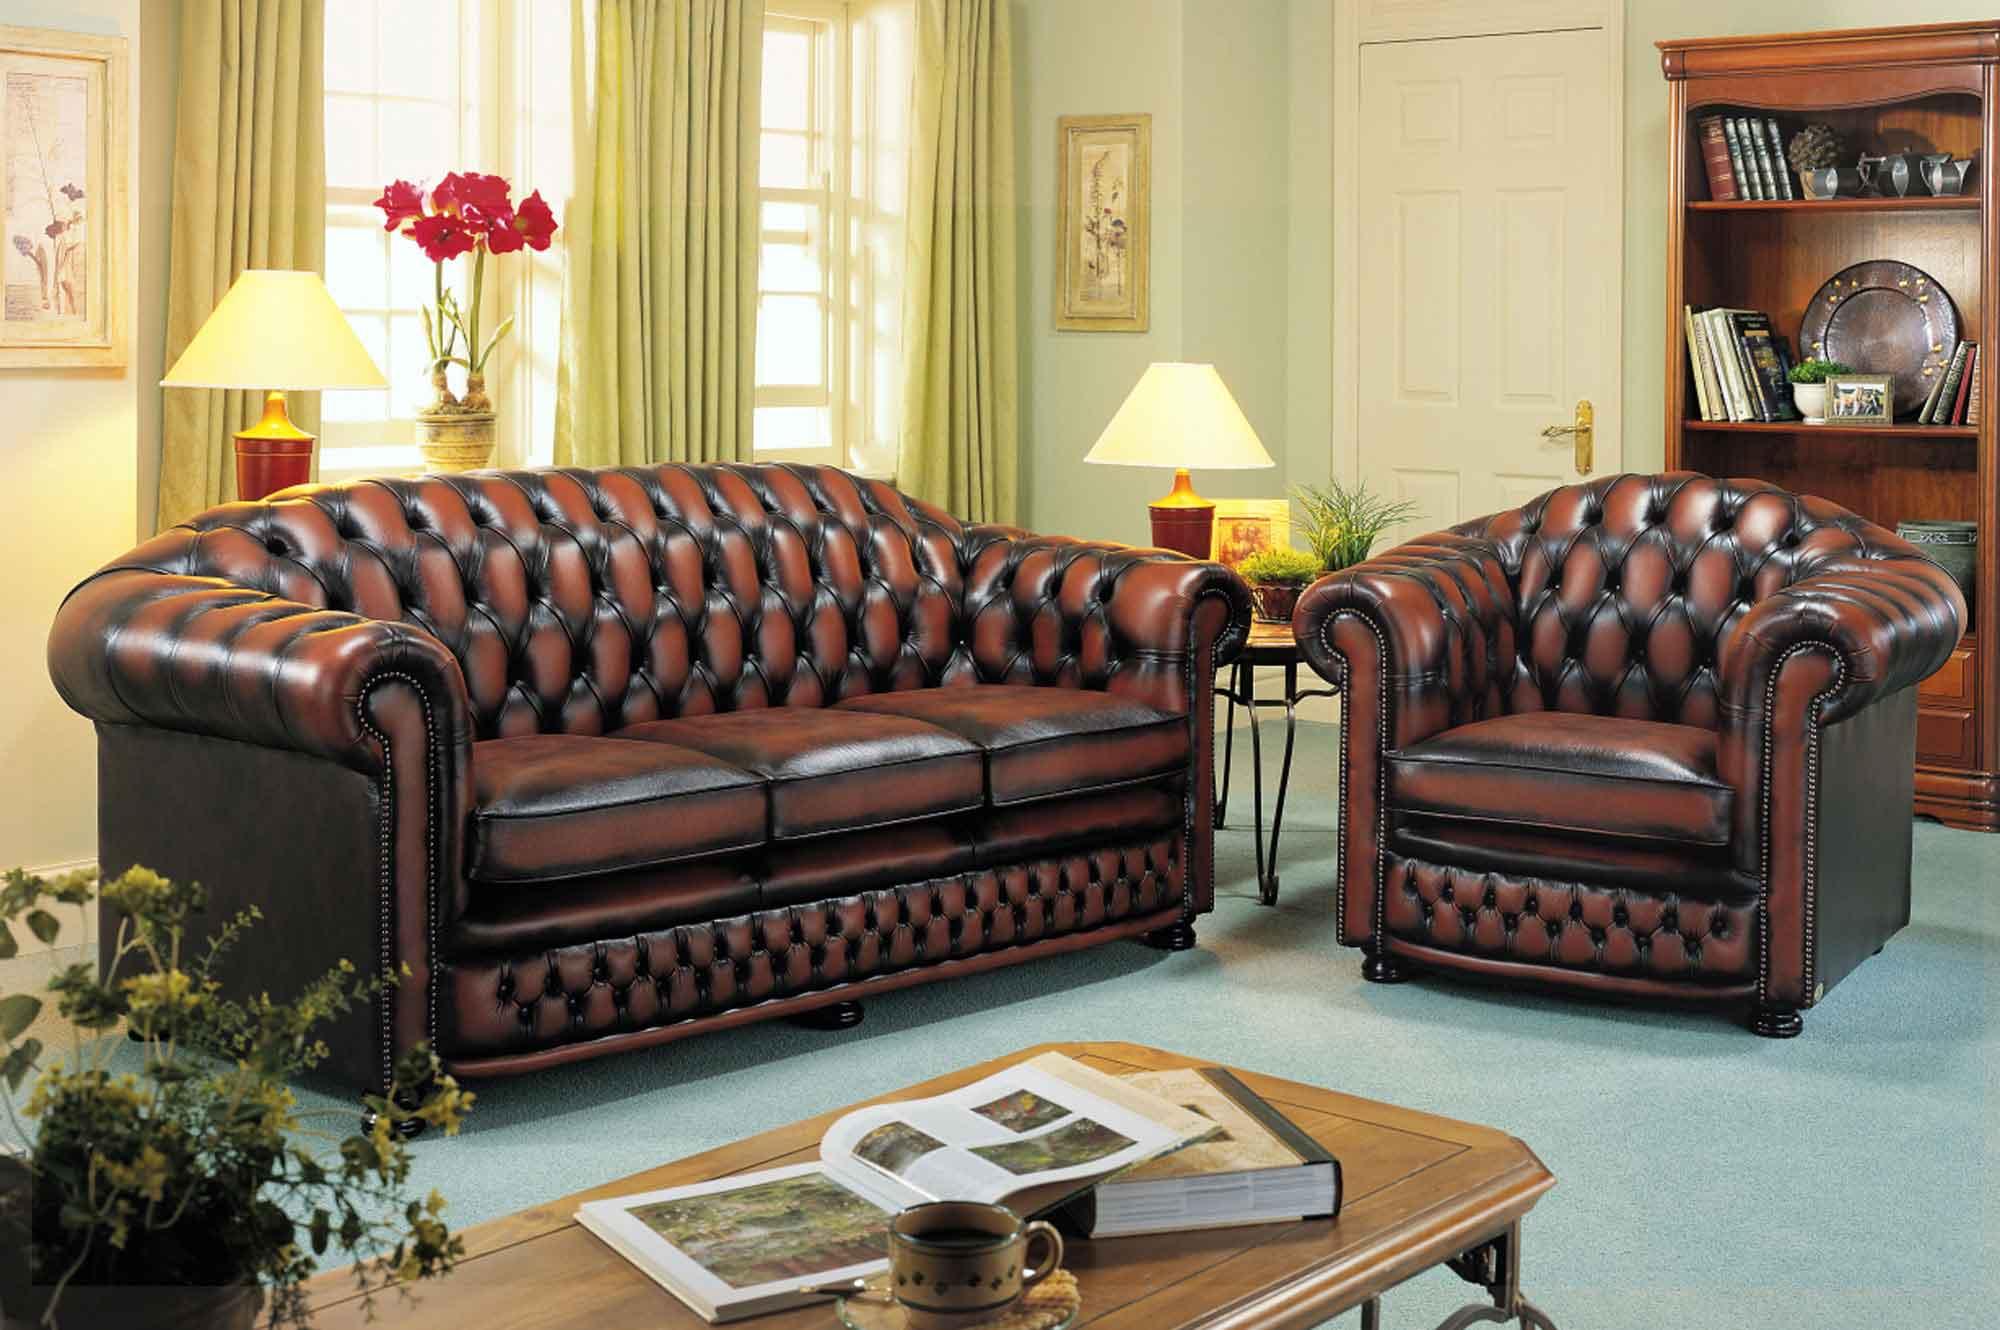 Nottingham springvale leather furniture for Furniture nottingham